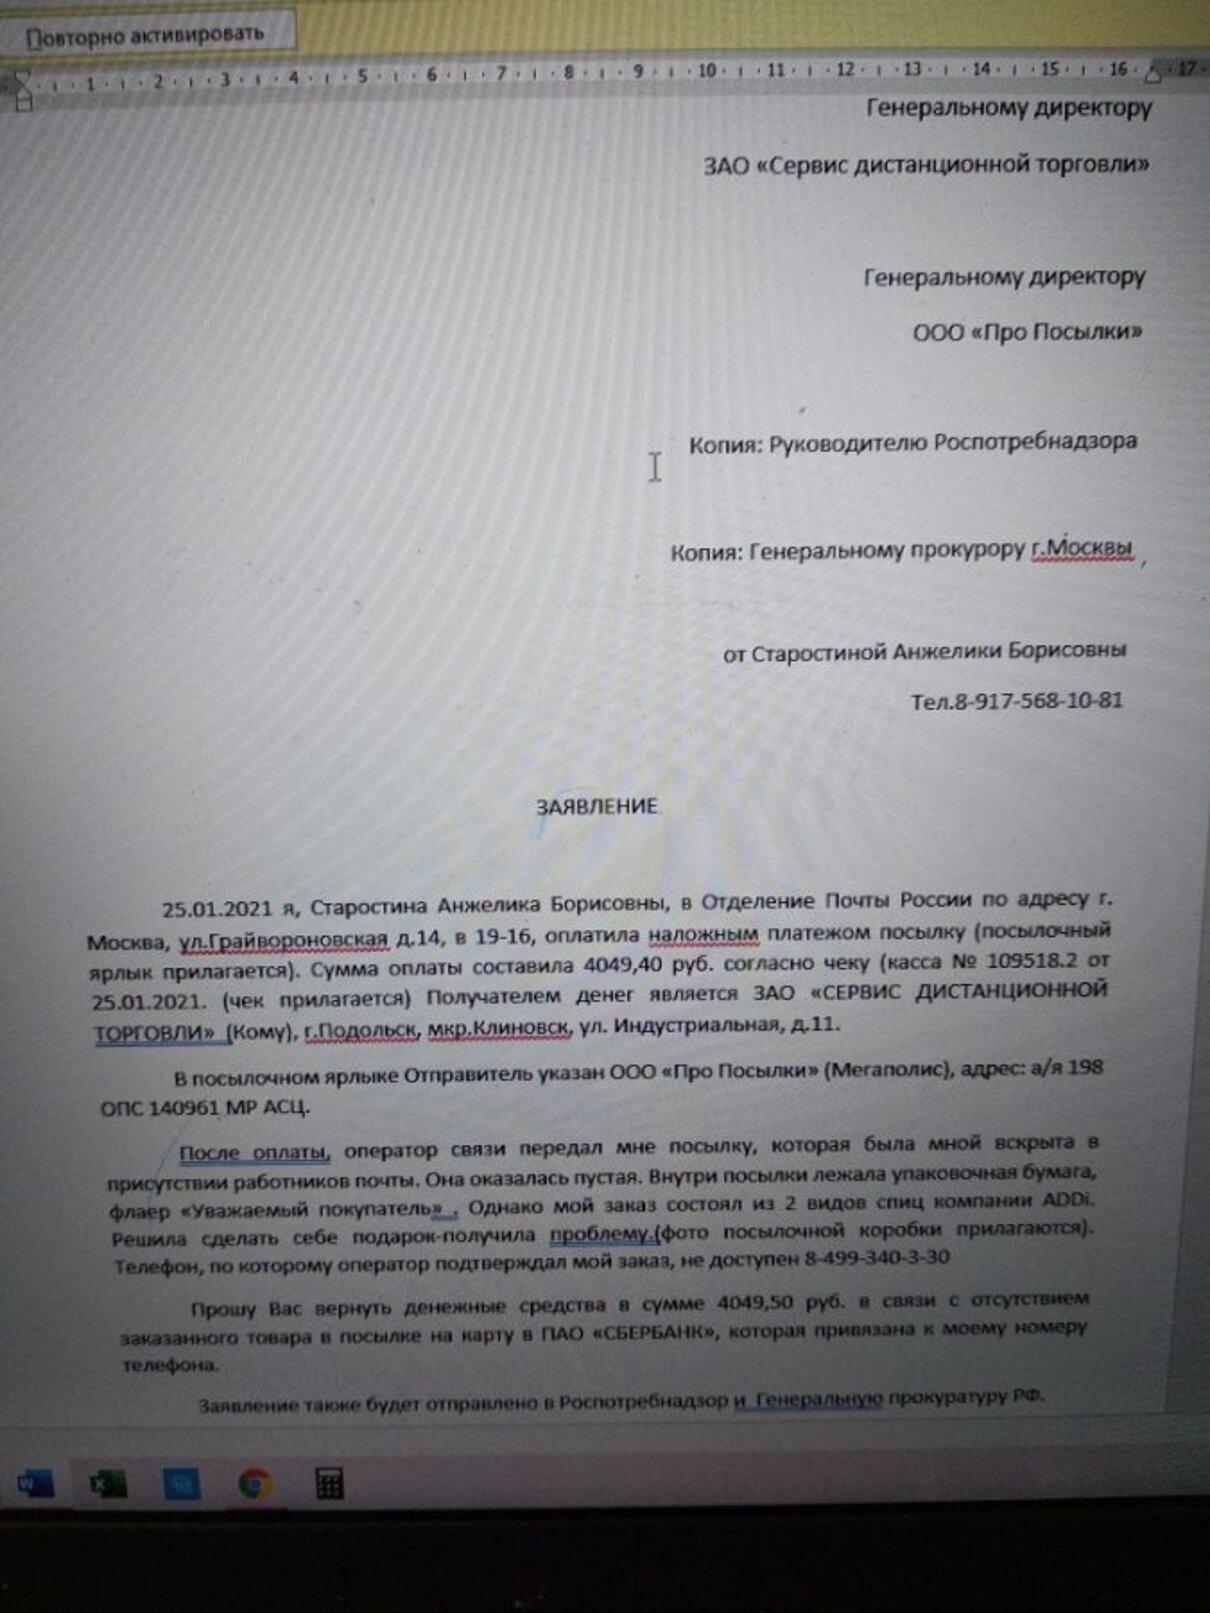 Жалоба-отзыв: ЗАО Сервис дистанционной торговли - Пуста посылка, возврат денег, мошенничество.  Фото №5